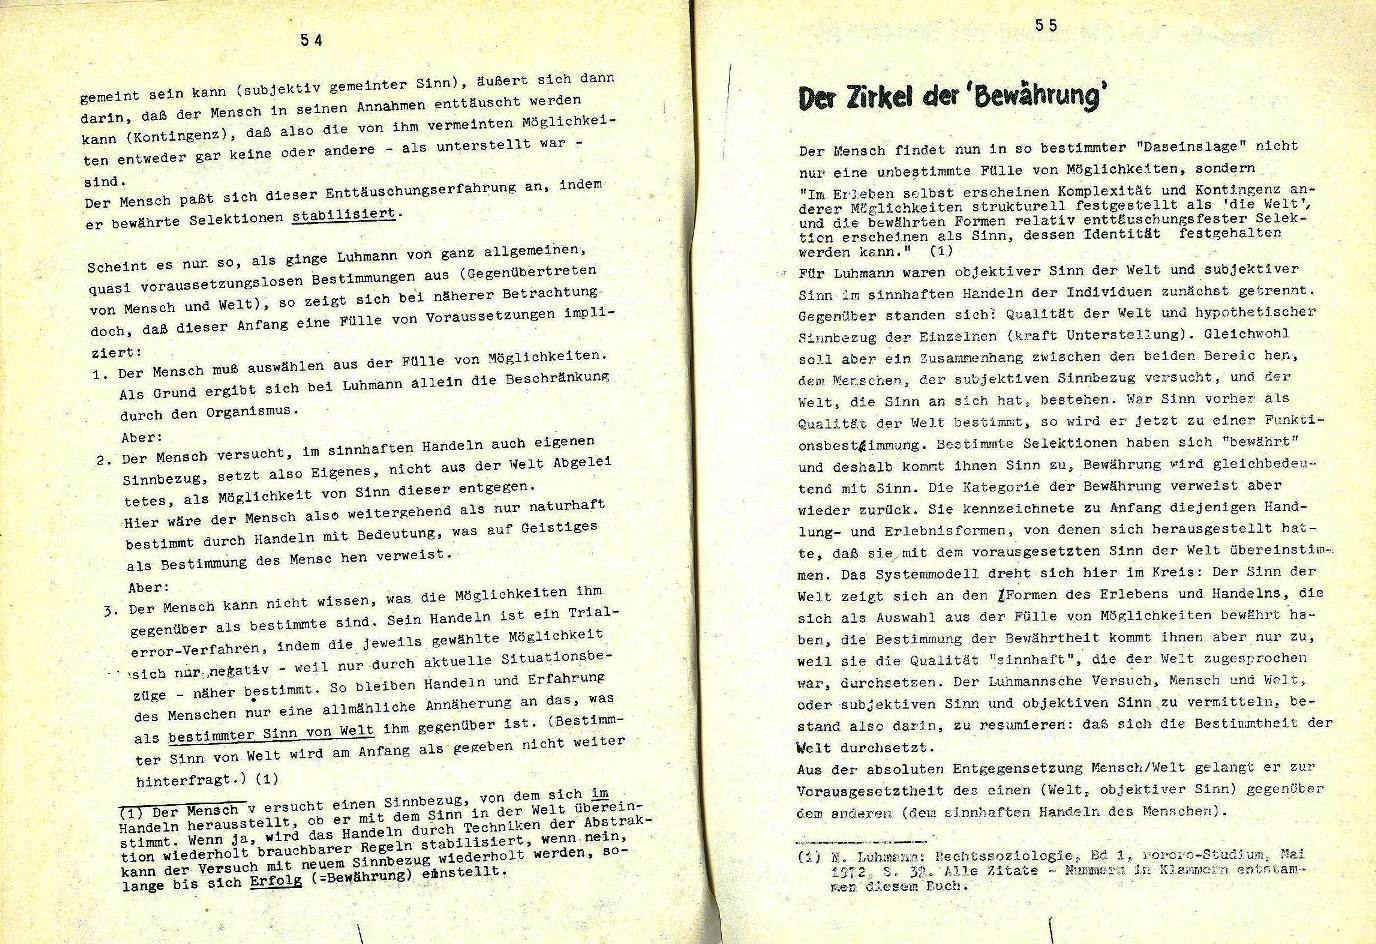 Muenchen_AK_Sozialistisches_Studium029